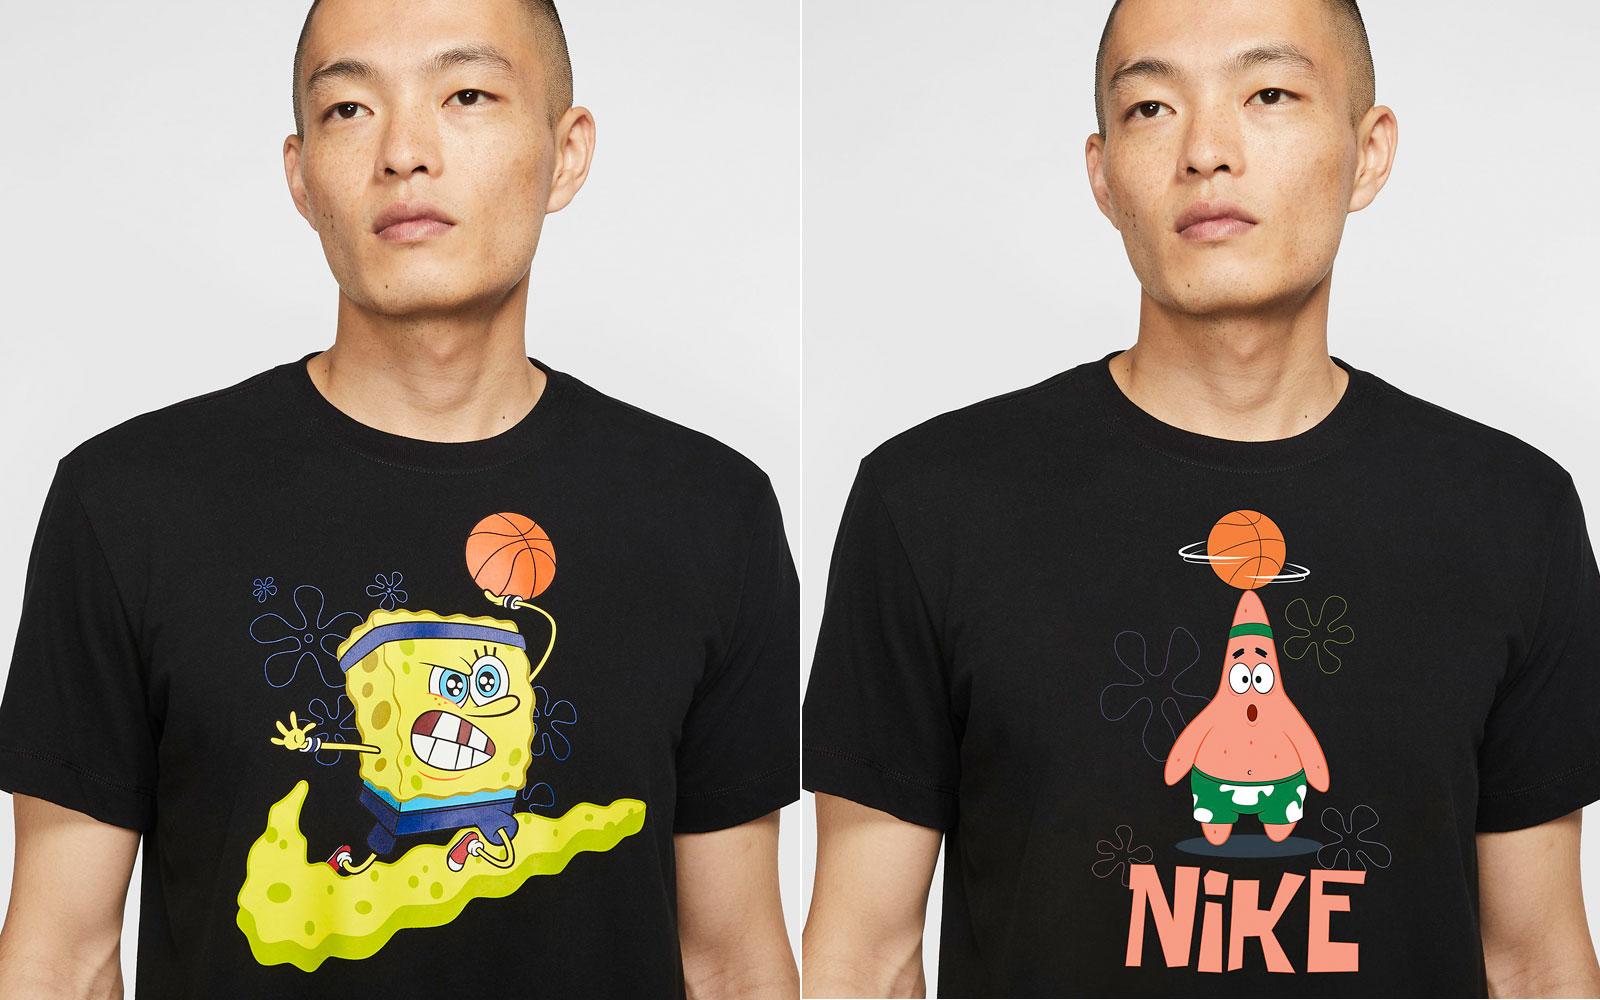 verkauf uk ziemlich billig Beste spongebob adidas t shirt